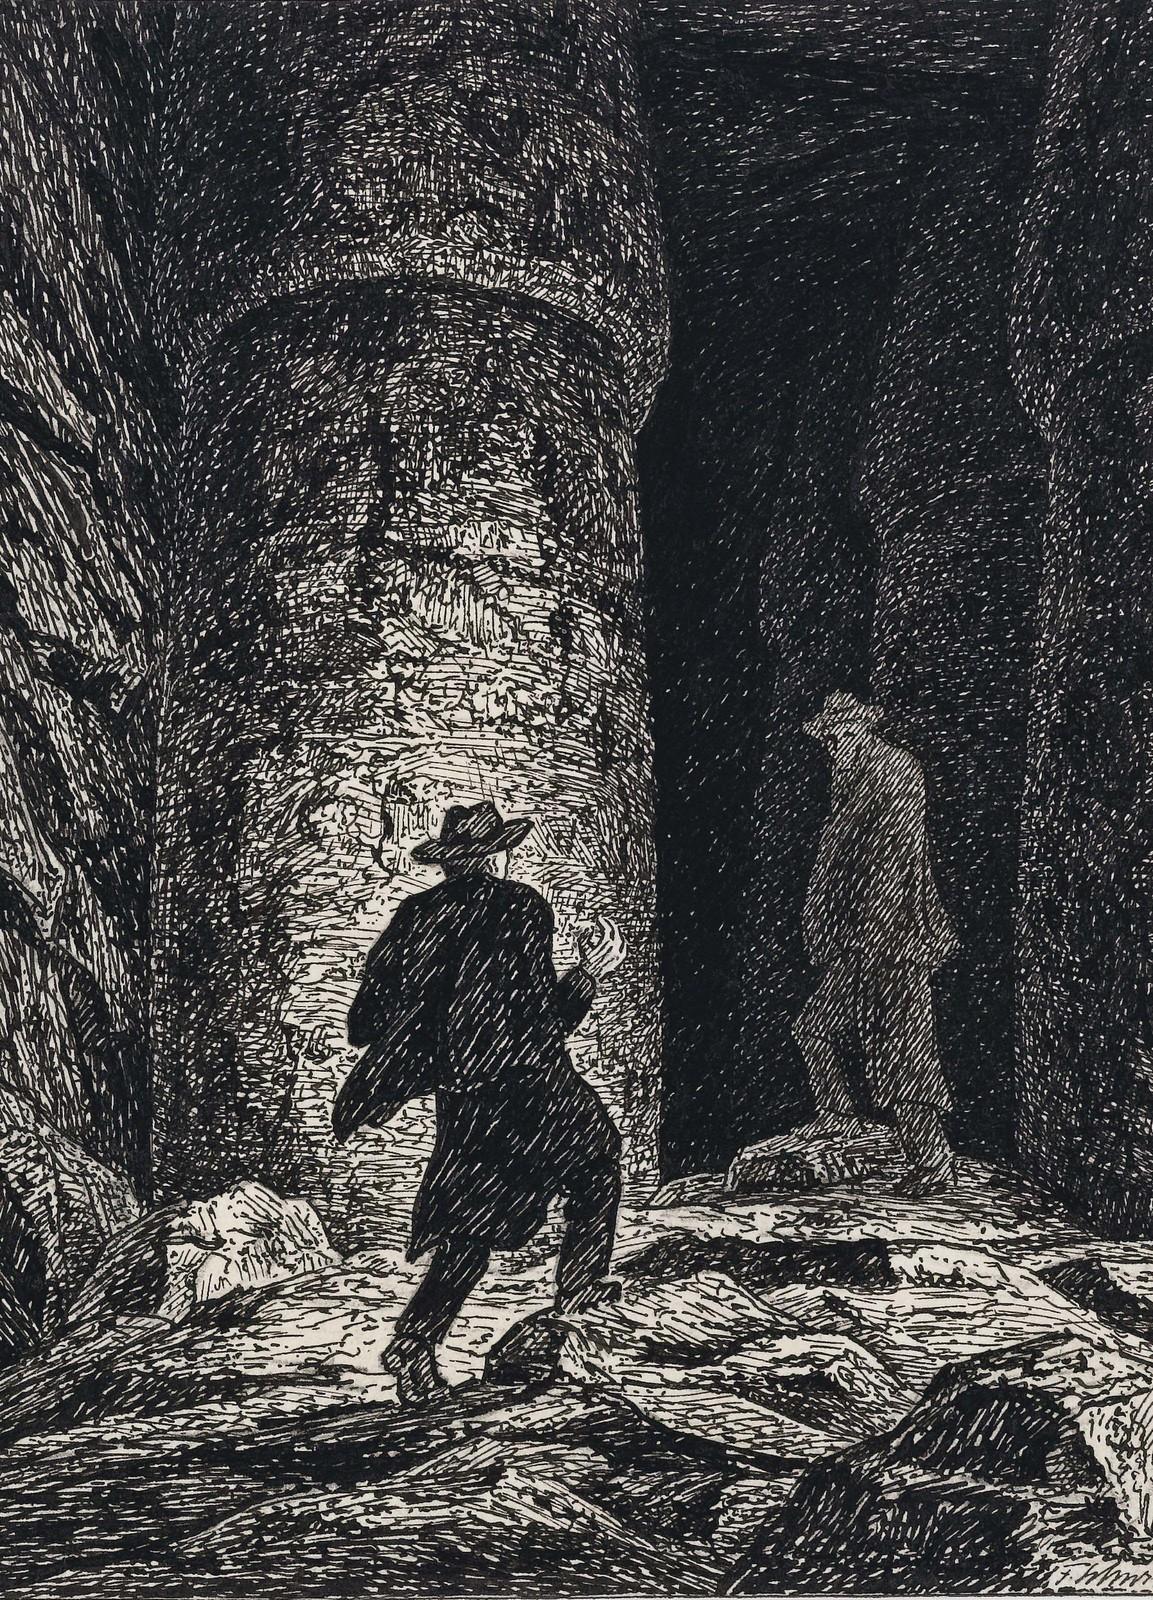 Fritz Schwimbeck - Doppelganger, 1919